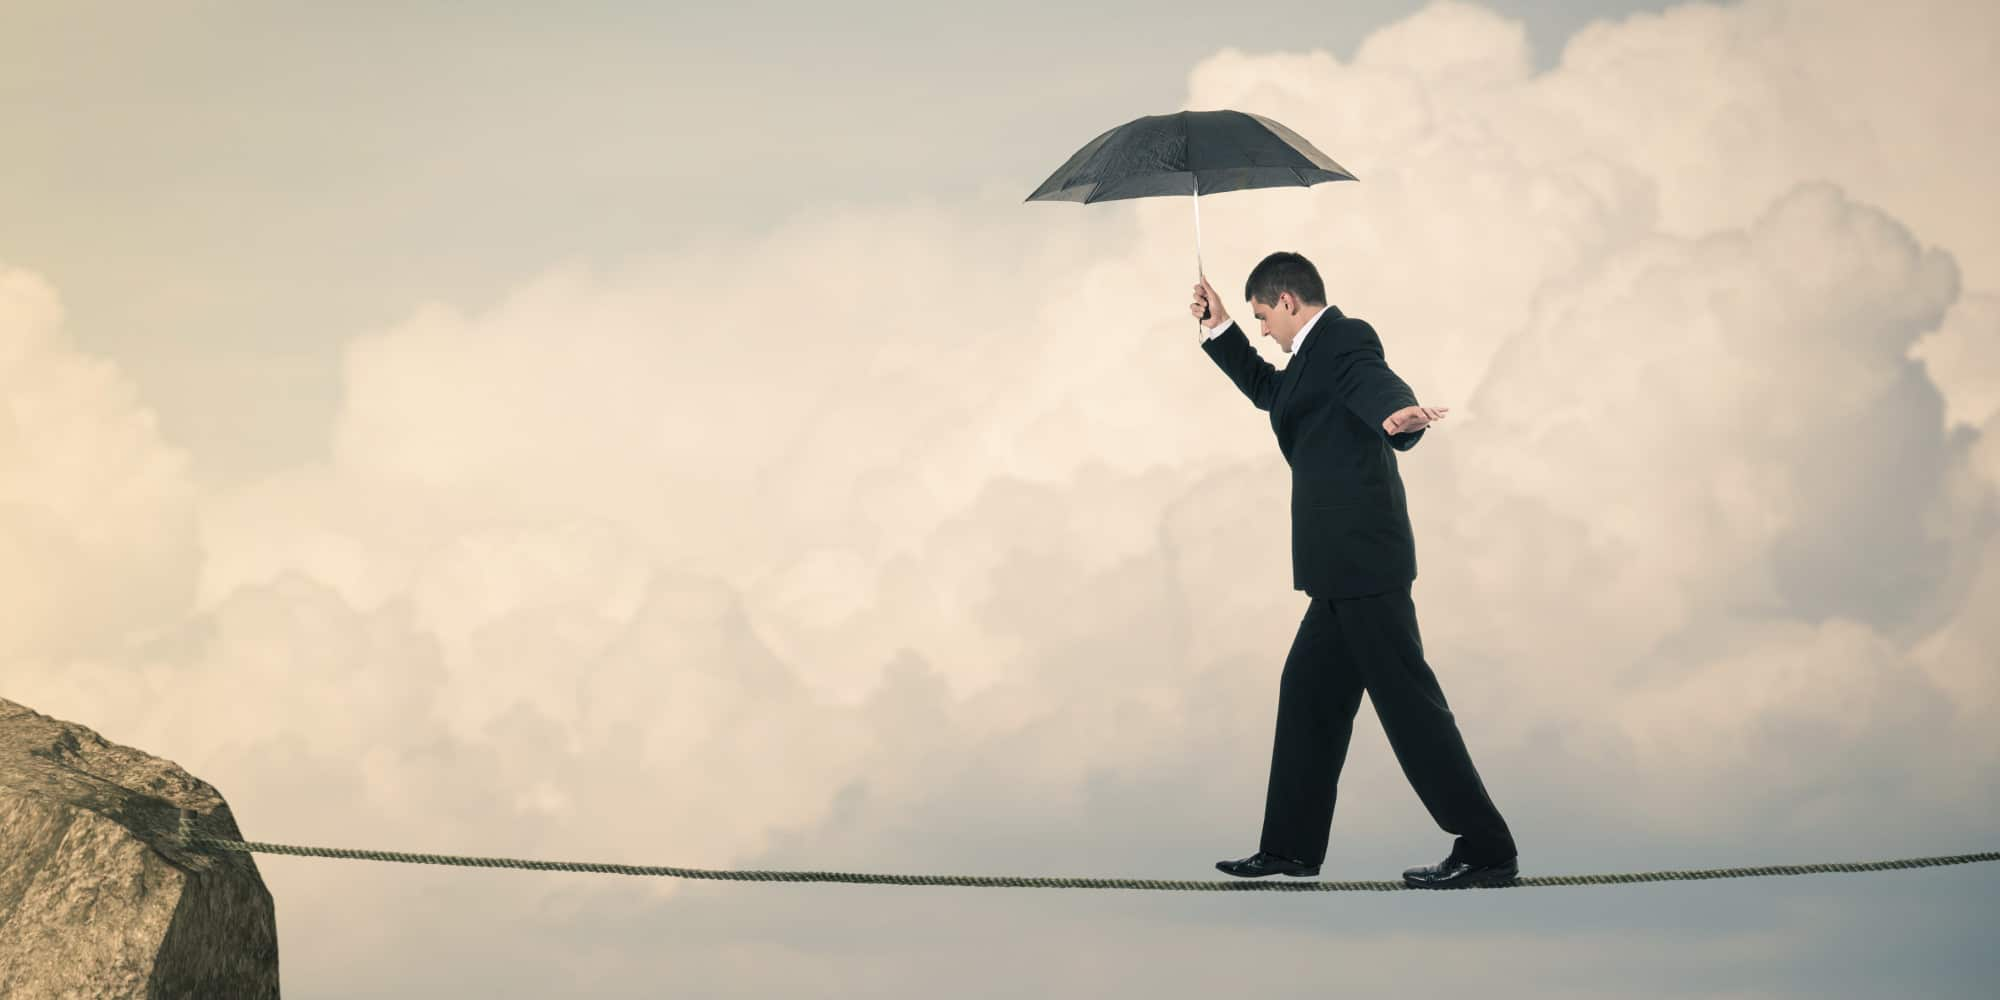 Gestão de Risco. Prevenção ou pessimismo?